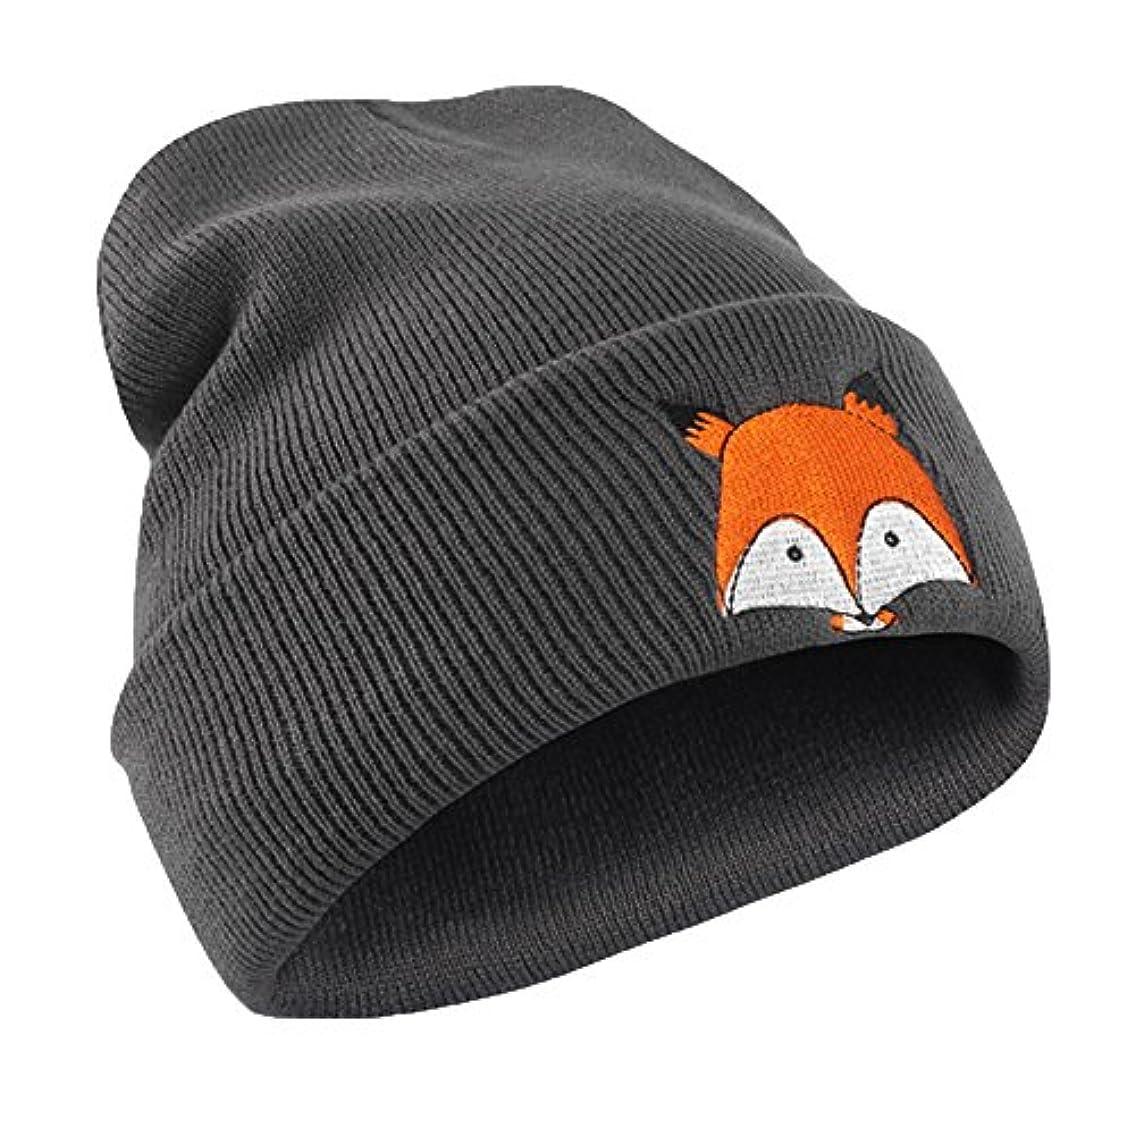 合計普遍的な腕Racazing ウールニット ニット帽 狐狸 刺繍 縮らす ニット帽 選べる6色 防寒対策 防風 暖かい 軽量 屋外 スキー 自転車 クリスマス ニット帽 Hat 淑女 (暗灰色)